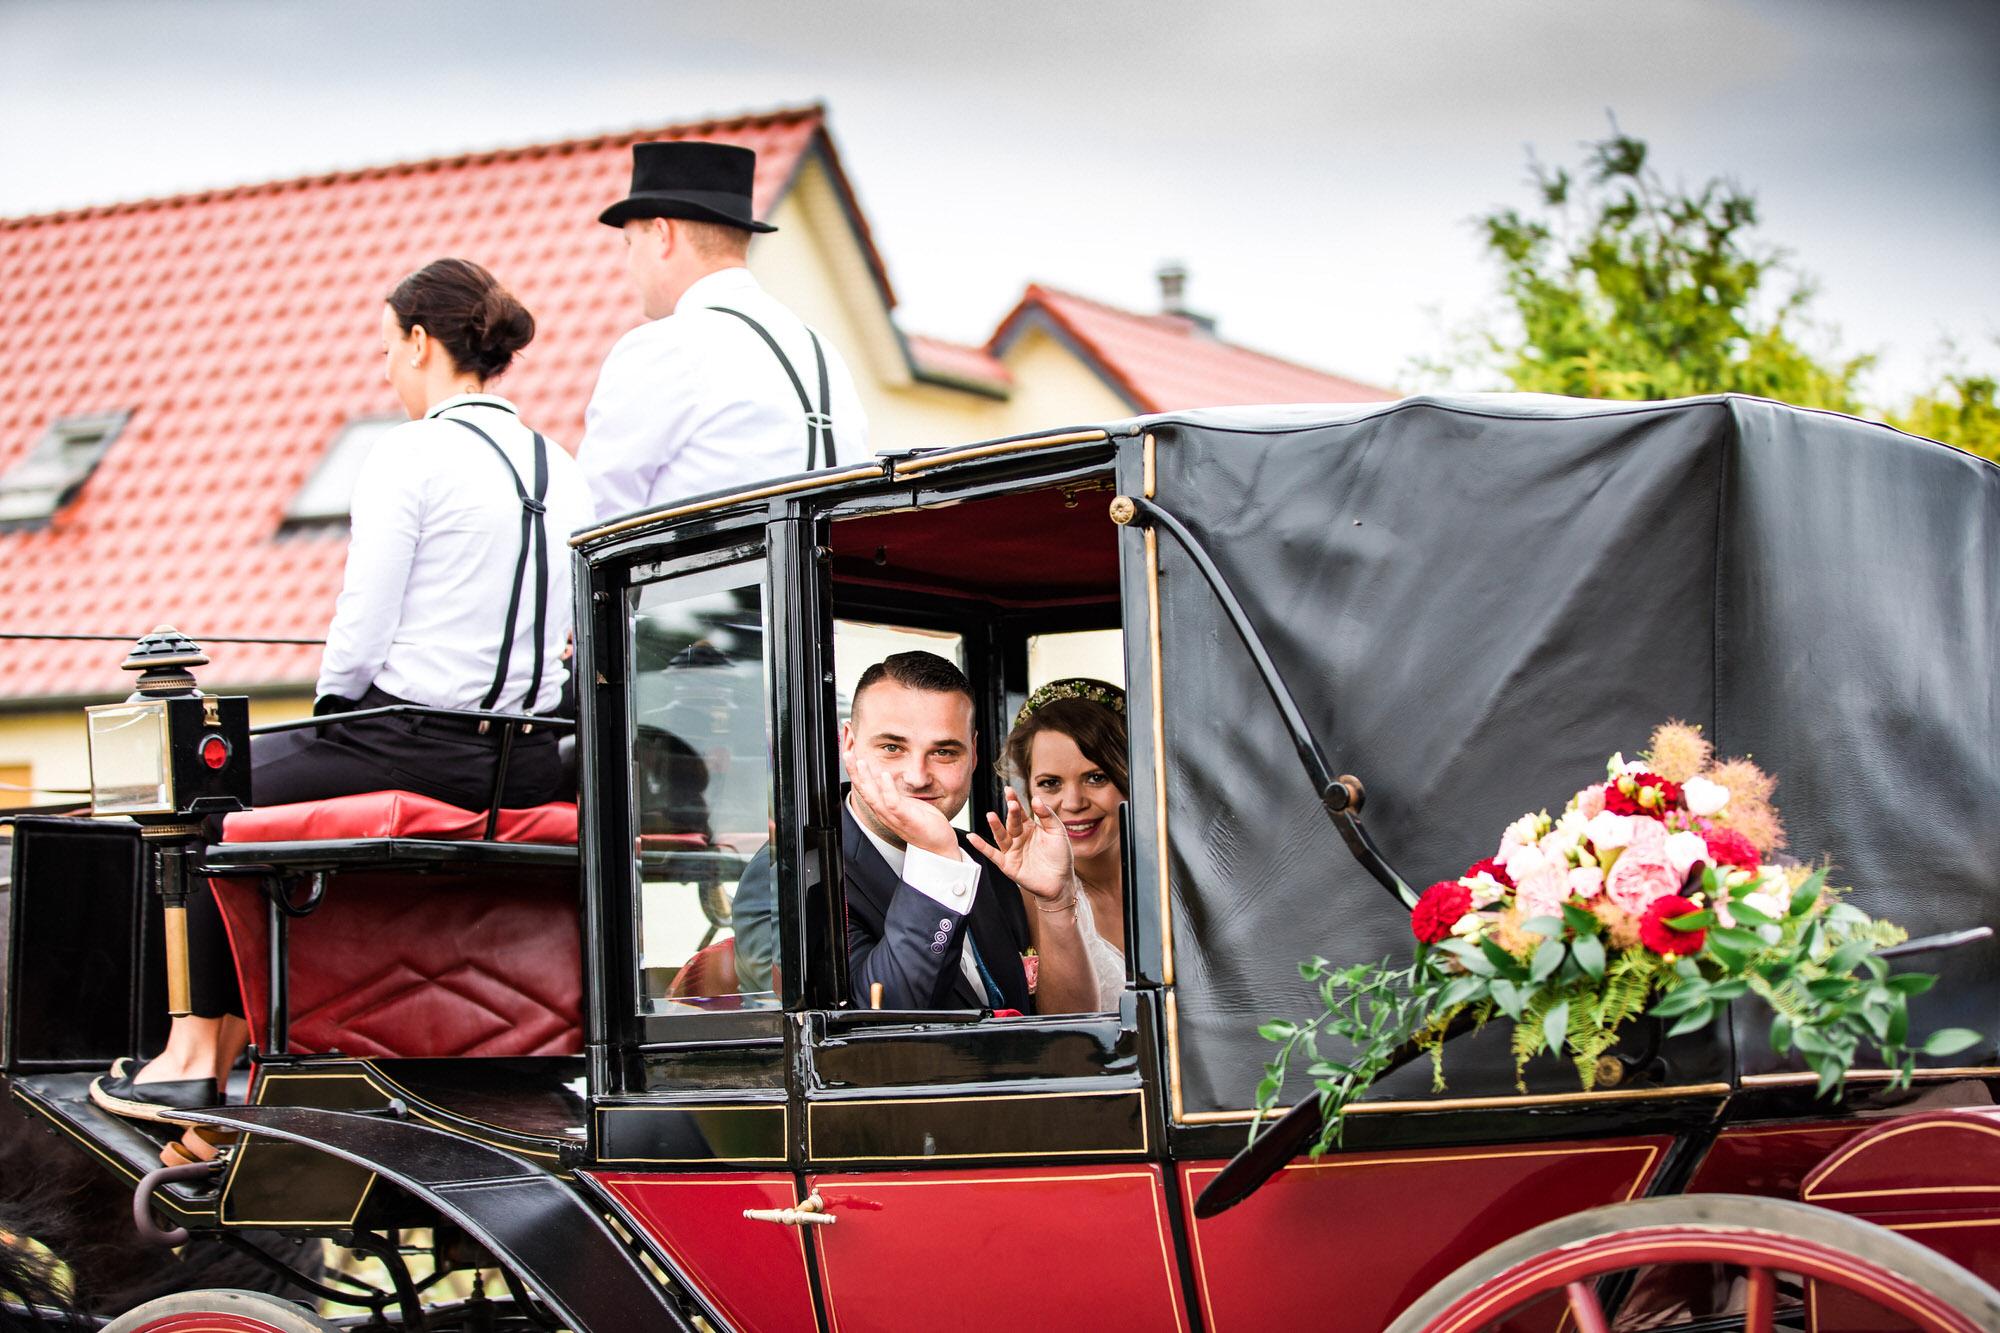 Brautpaar in der Hochzeitskutsche